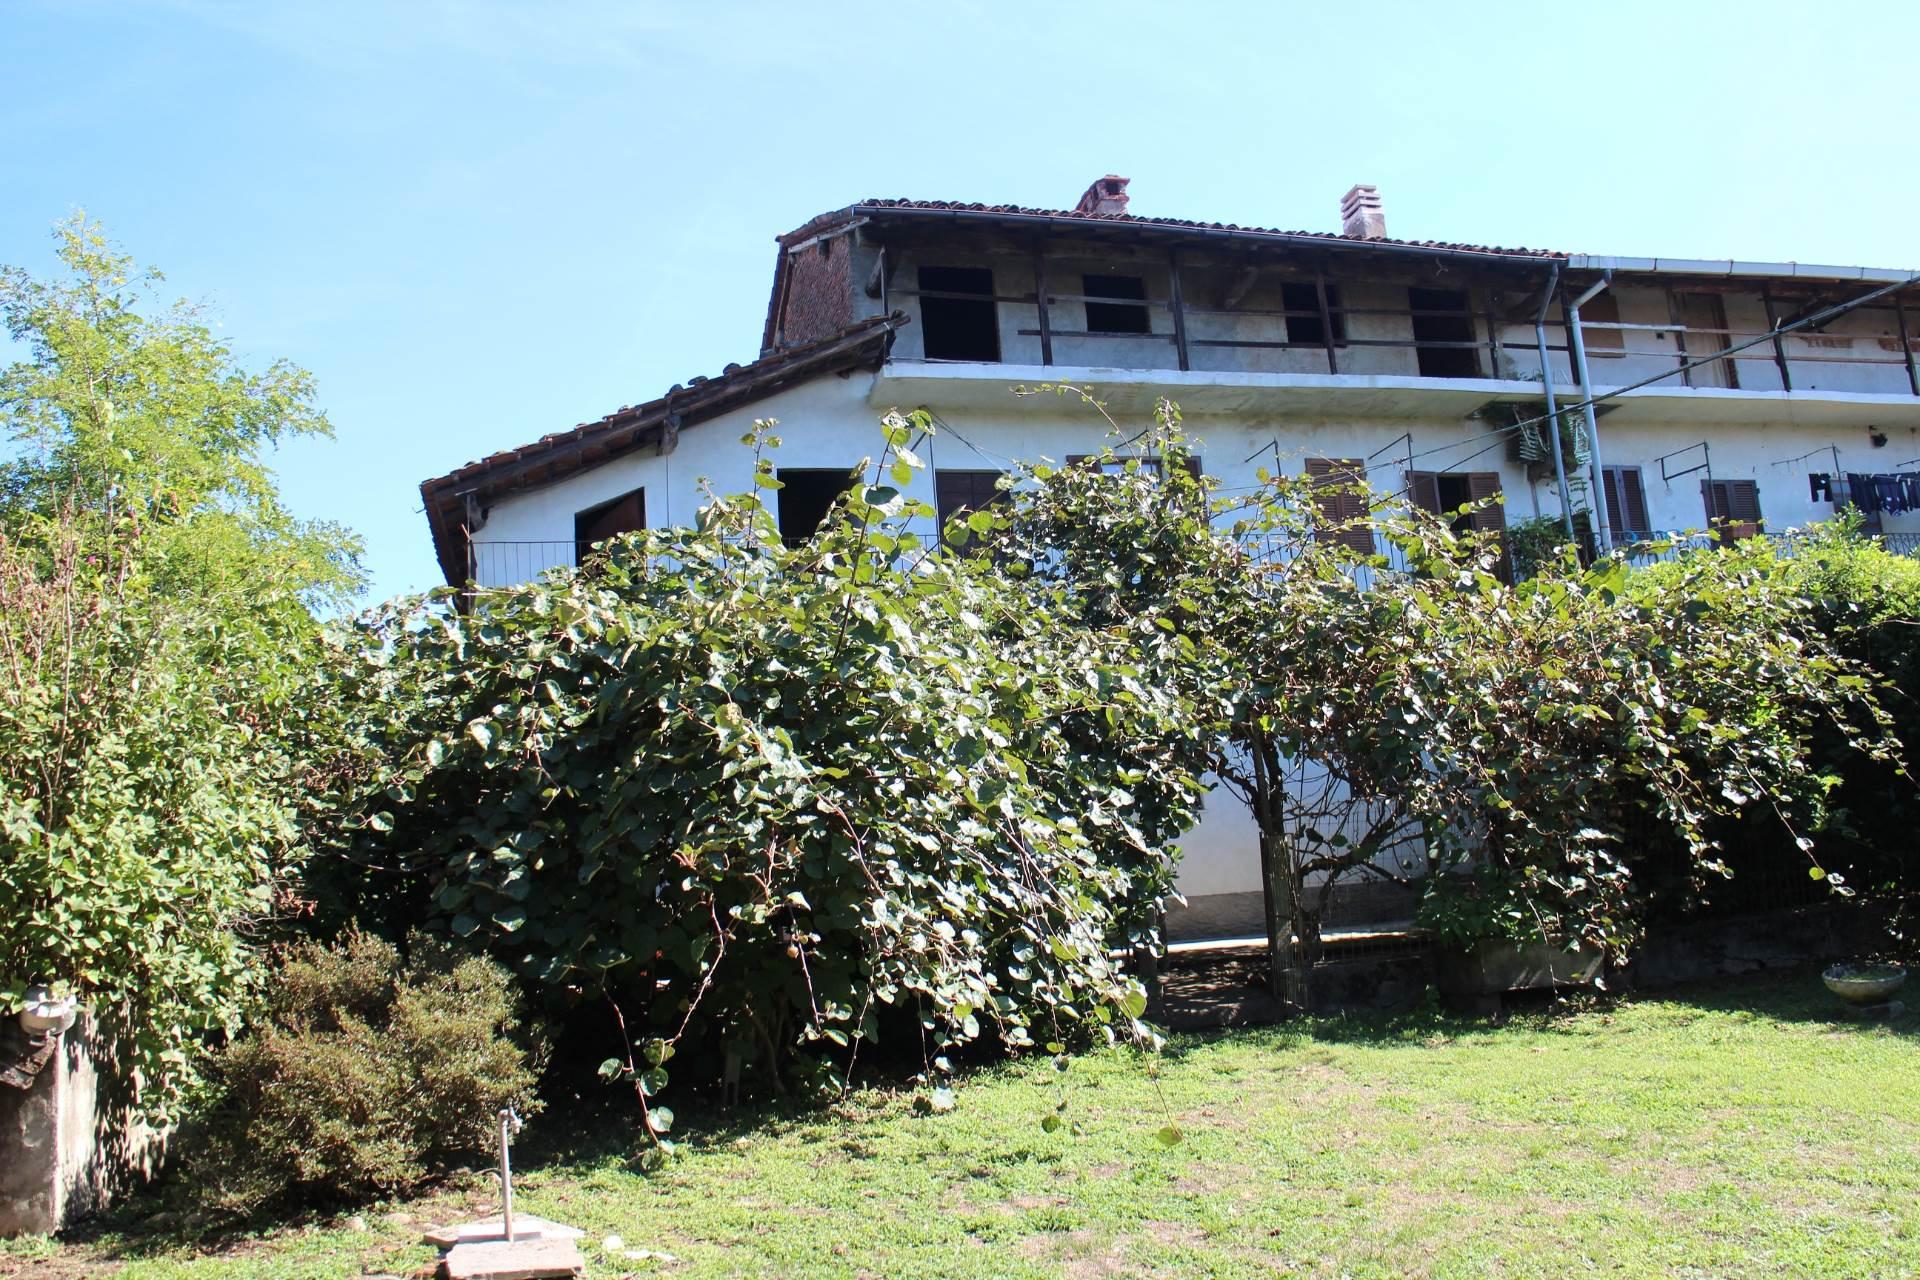 Rustico / Casale in vendita a Suno, 7 locali, prezzo € 70.000 | CambioCasa.it